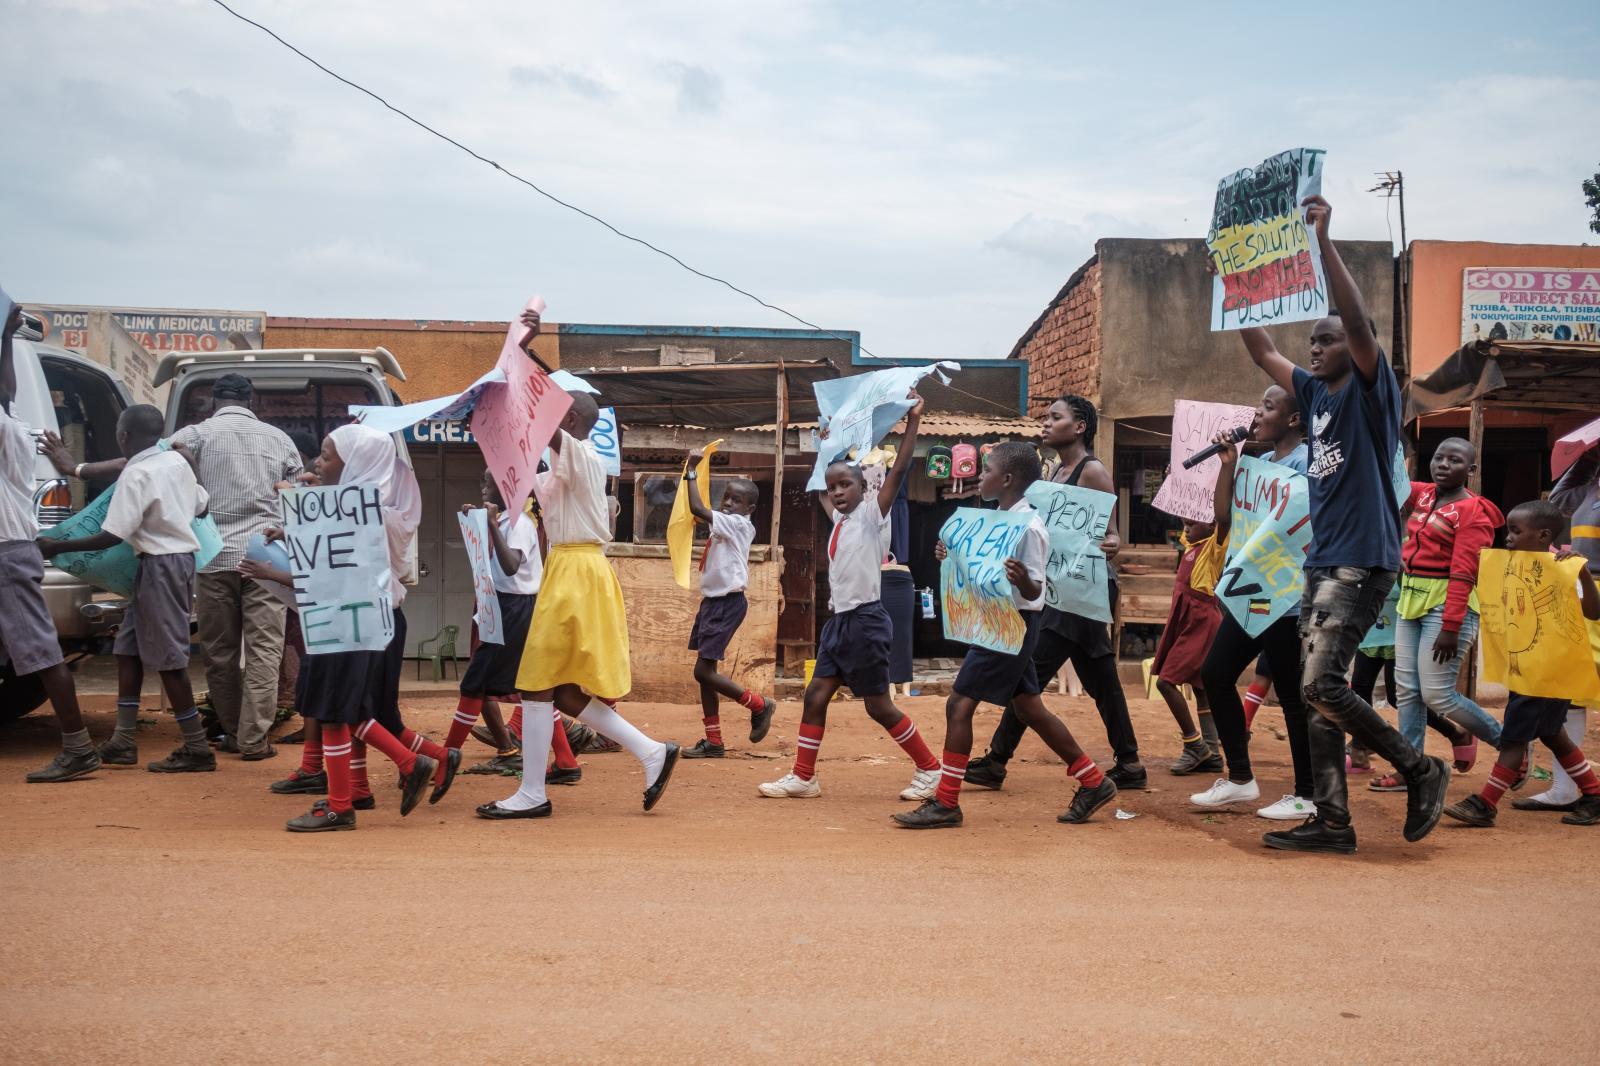 Photography image - Loading NYTCLIMATESTRIKE_Uganda_LeahNamugerwa-27.jpg